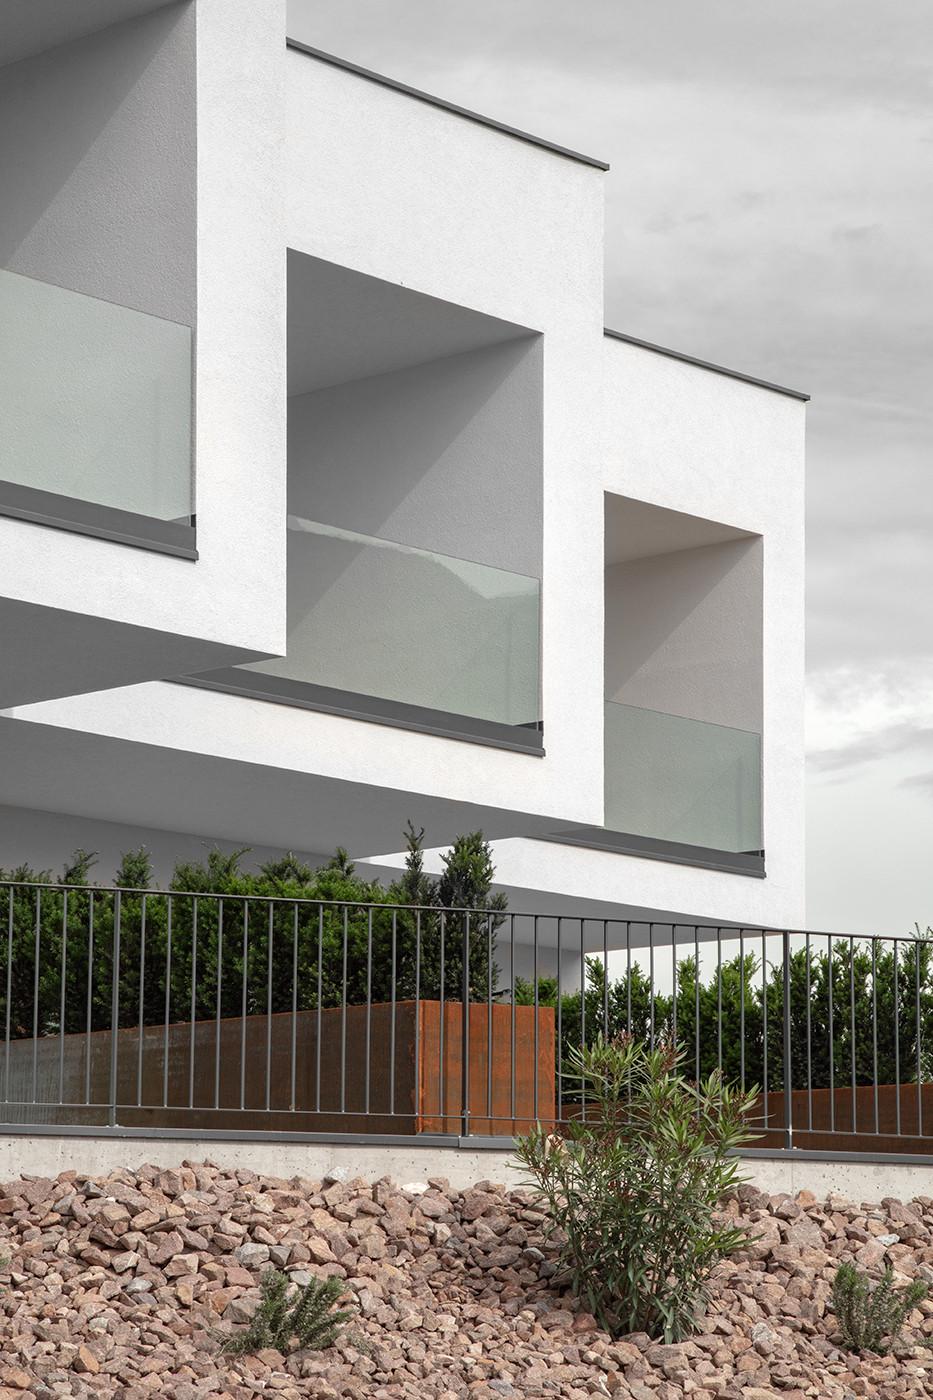 areum architecture